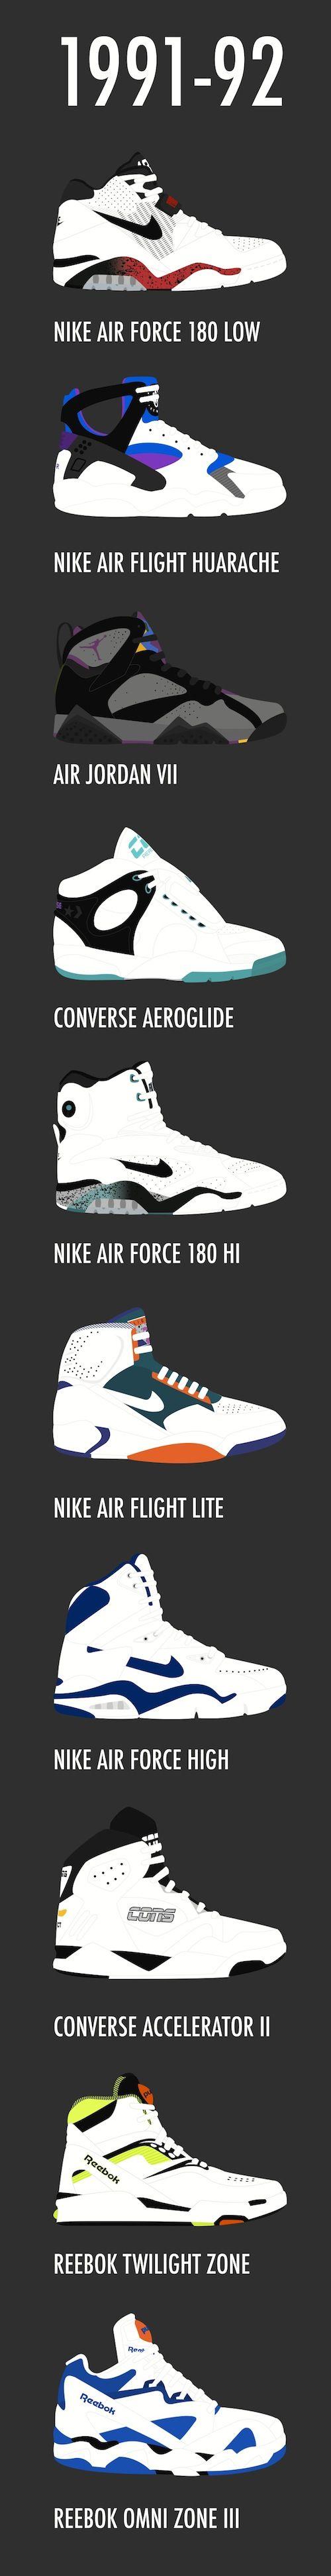 Pin en Ideas zapatos para nba 2k